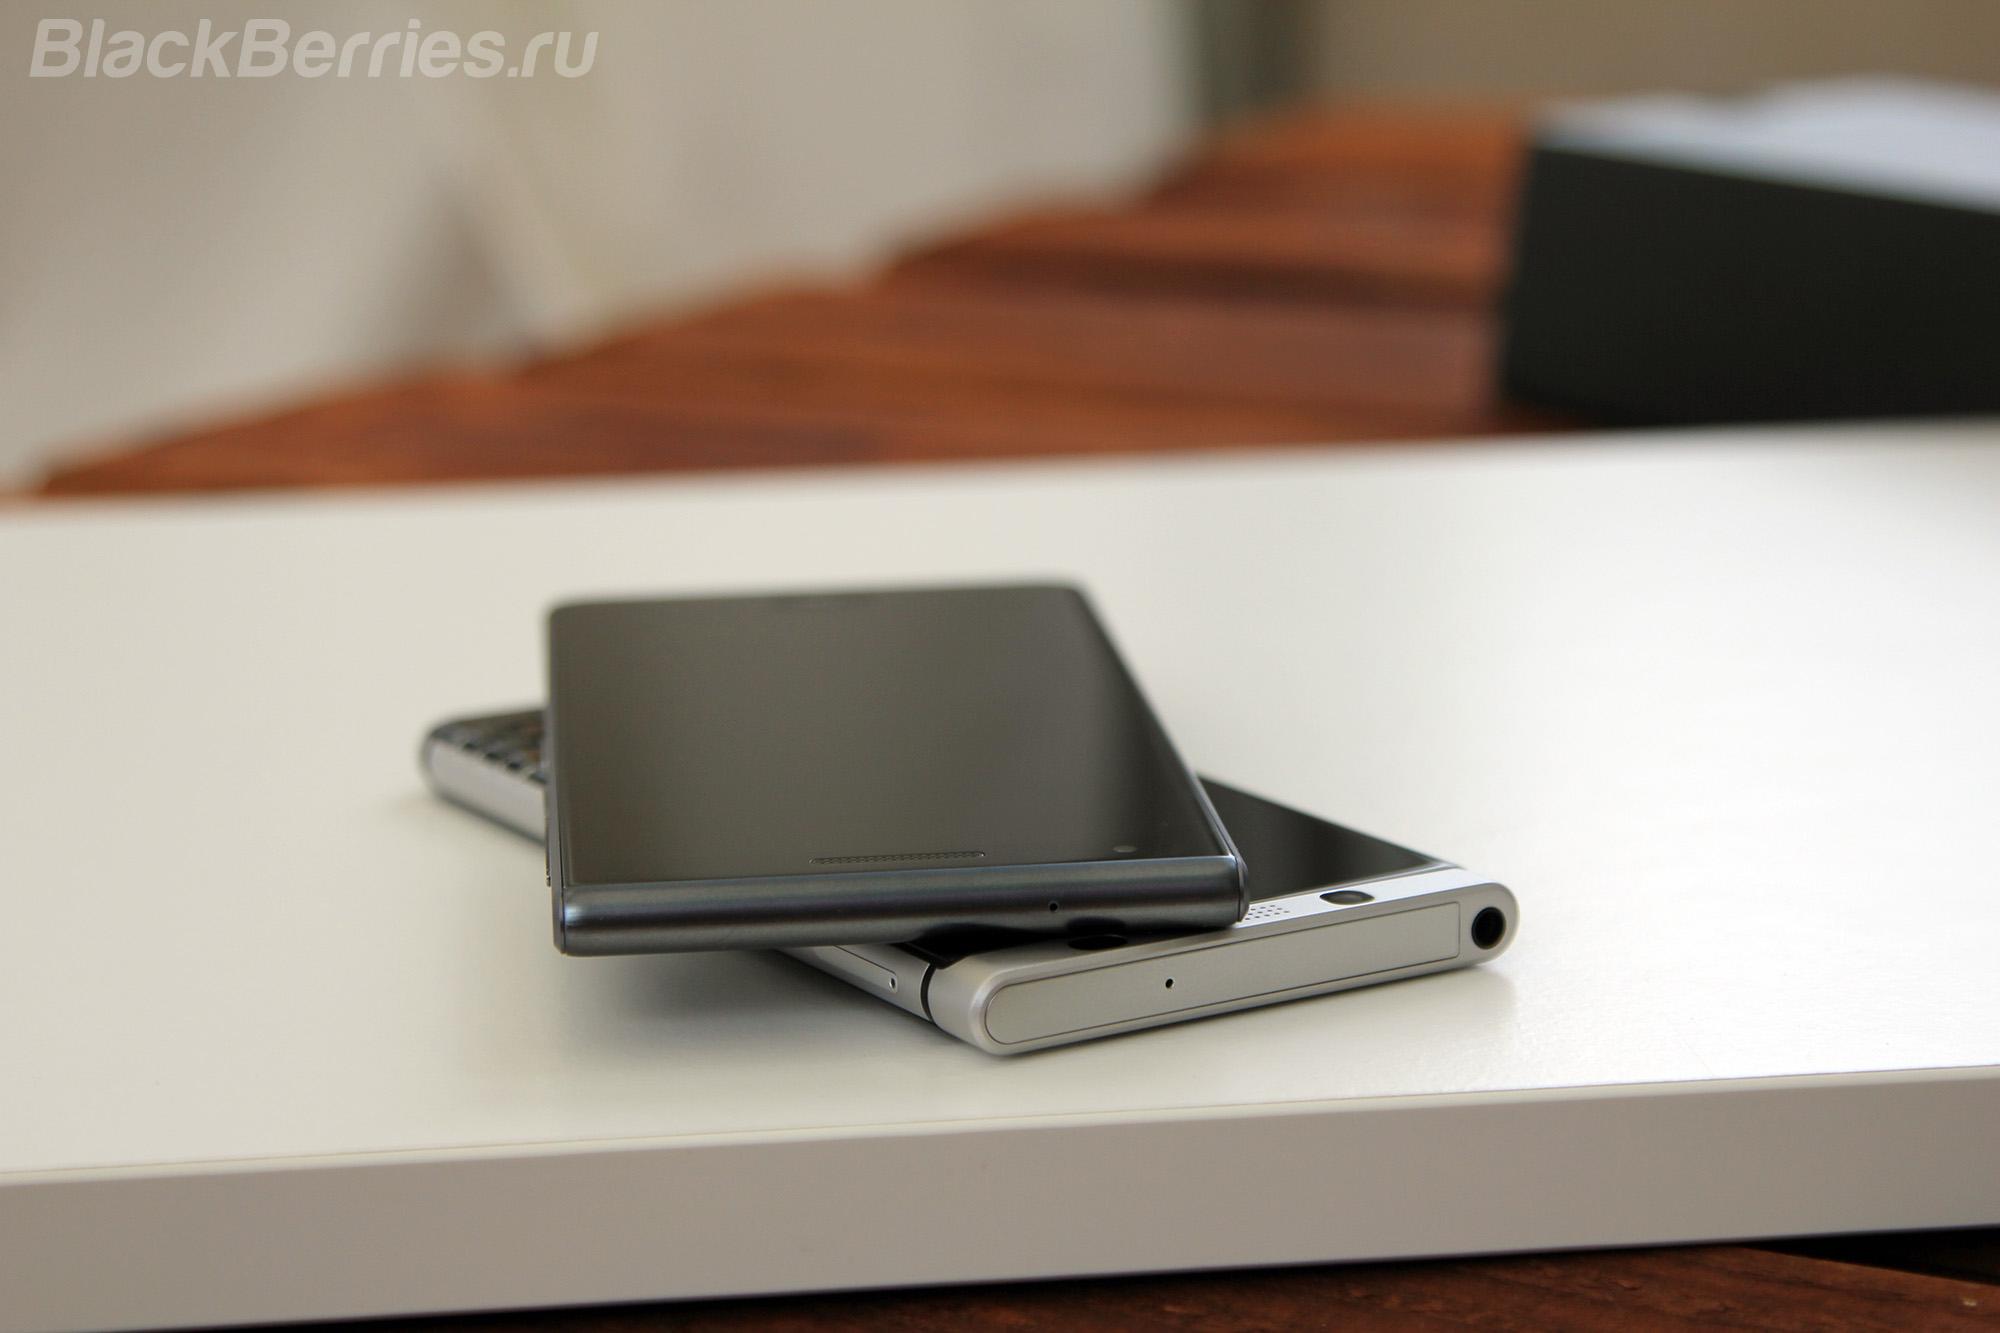 BlackBerry-Motion-Review-42.jpg